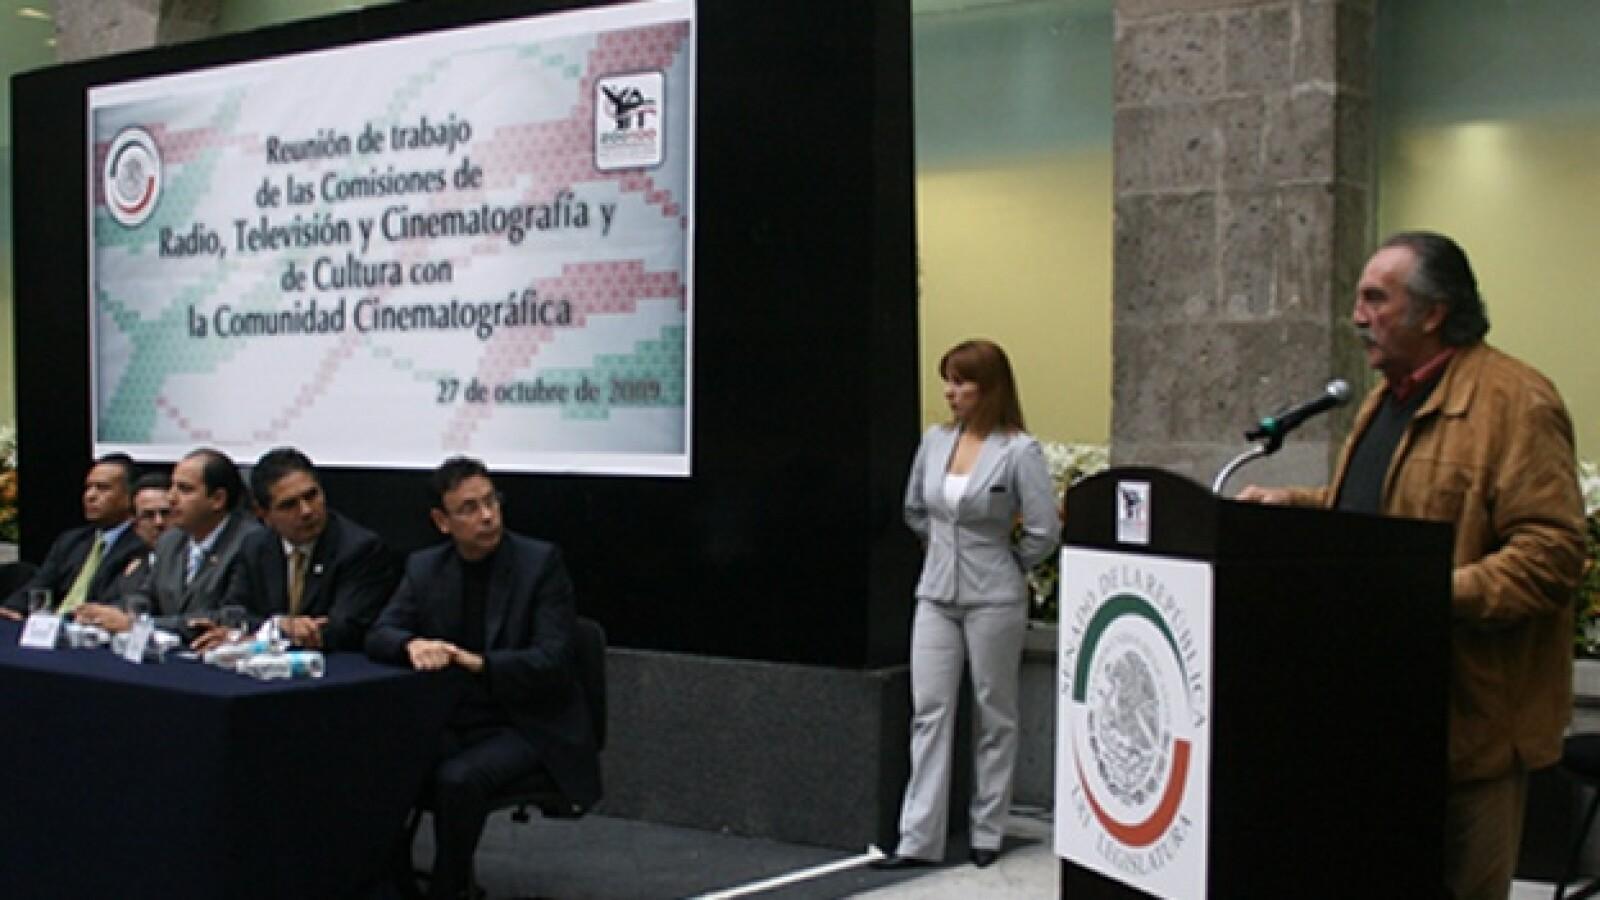 Pedro Armendariz 2